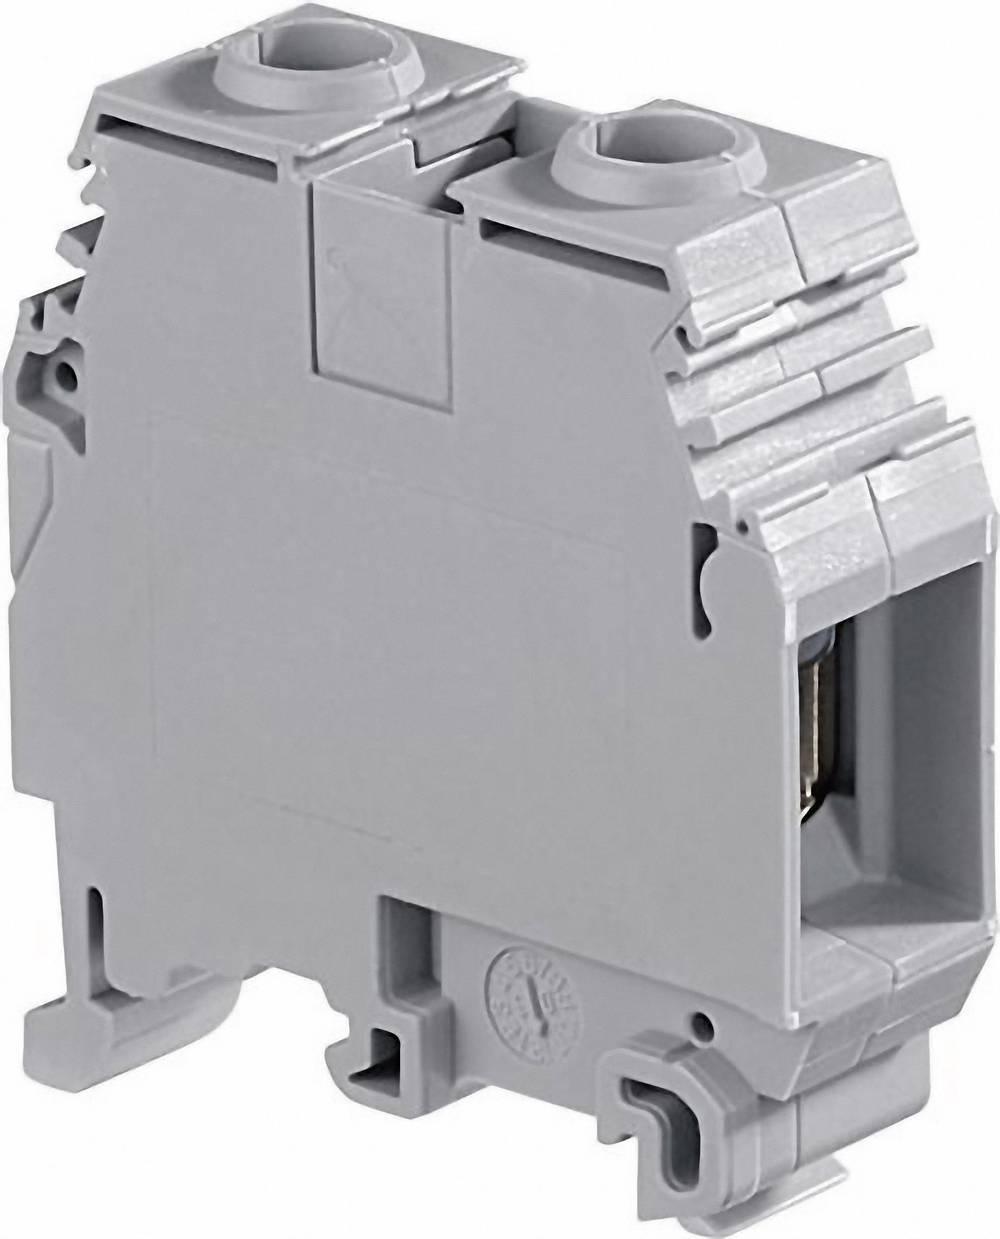 Gennemgangsklemme 16 mm Skruer Belægning: L Grå ABB 1SNA 115 124 R0700 1 stk